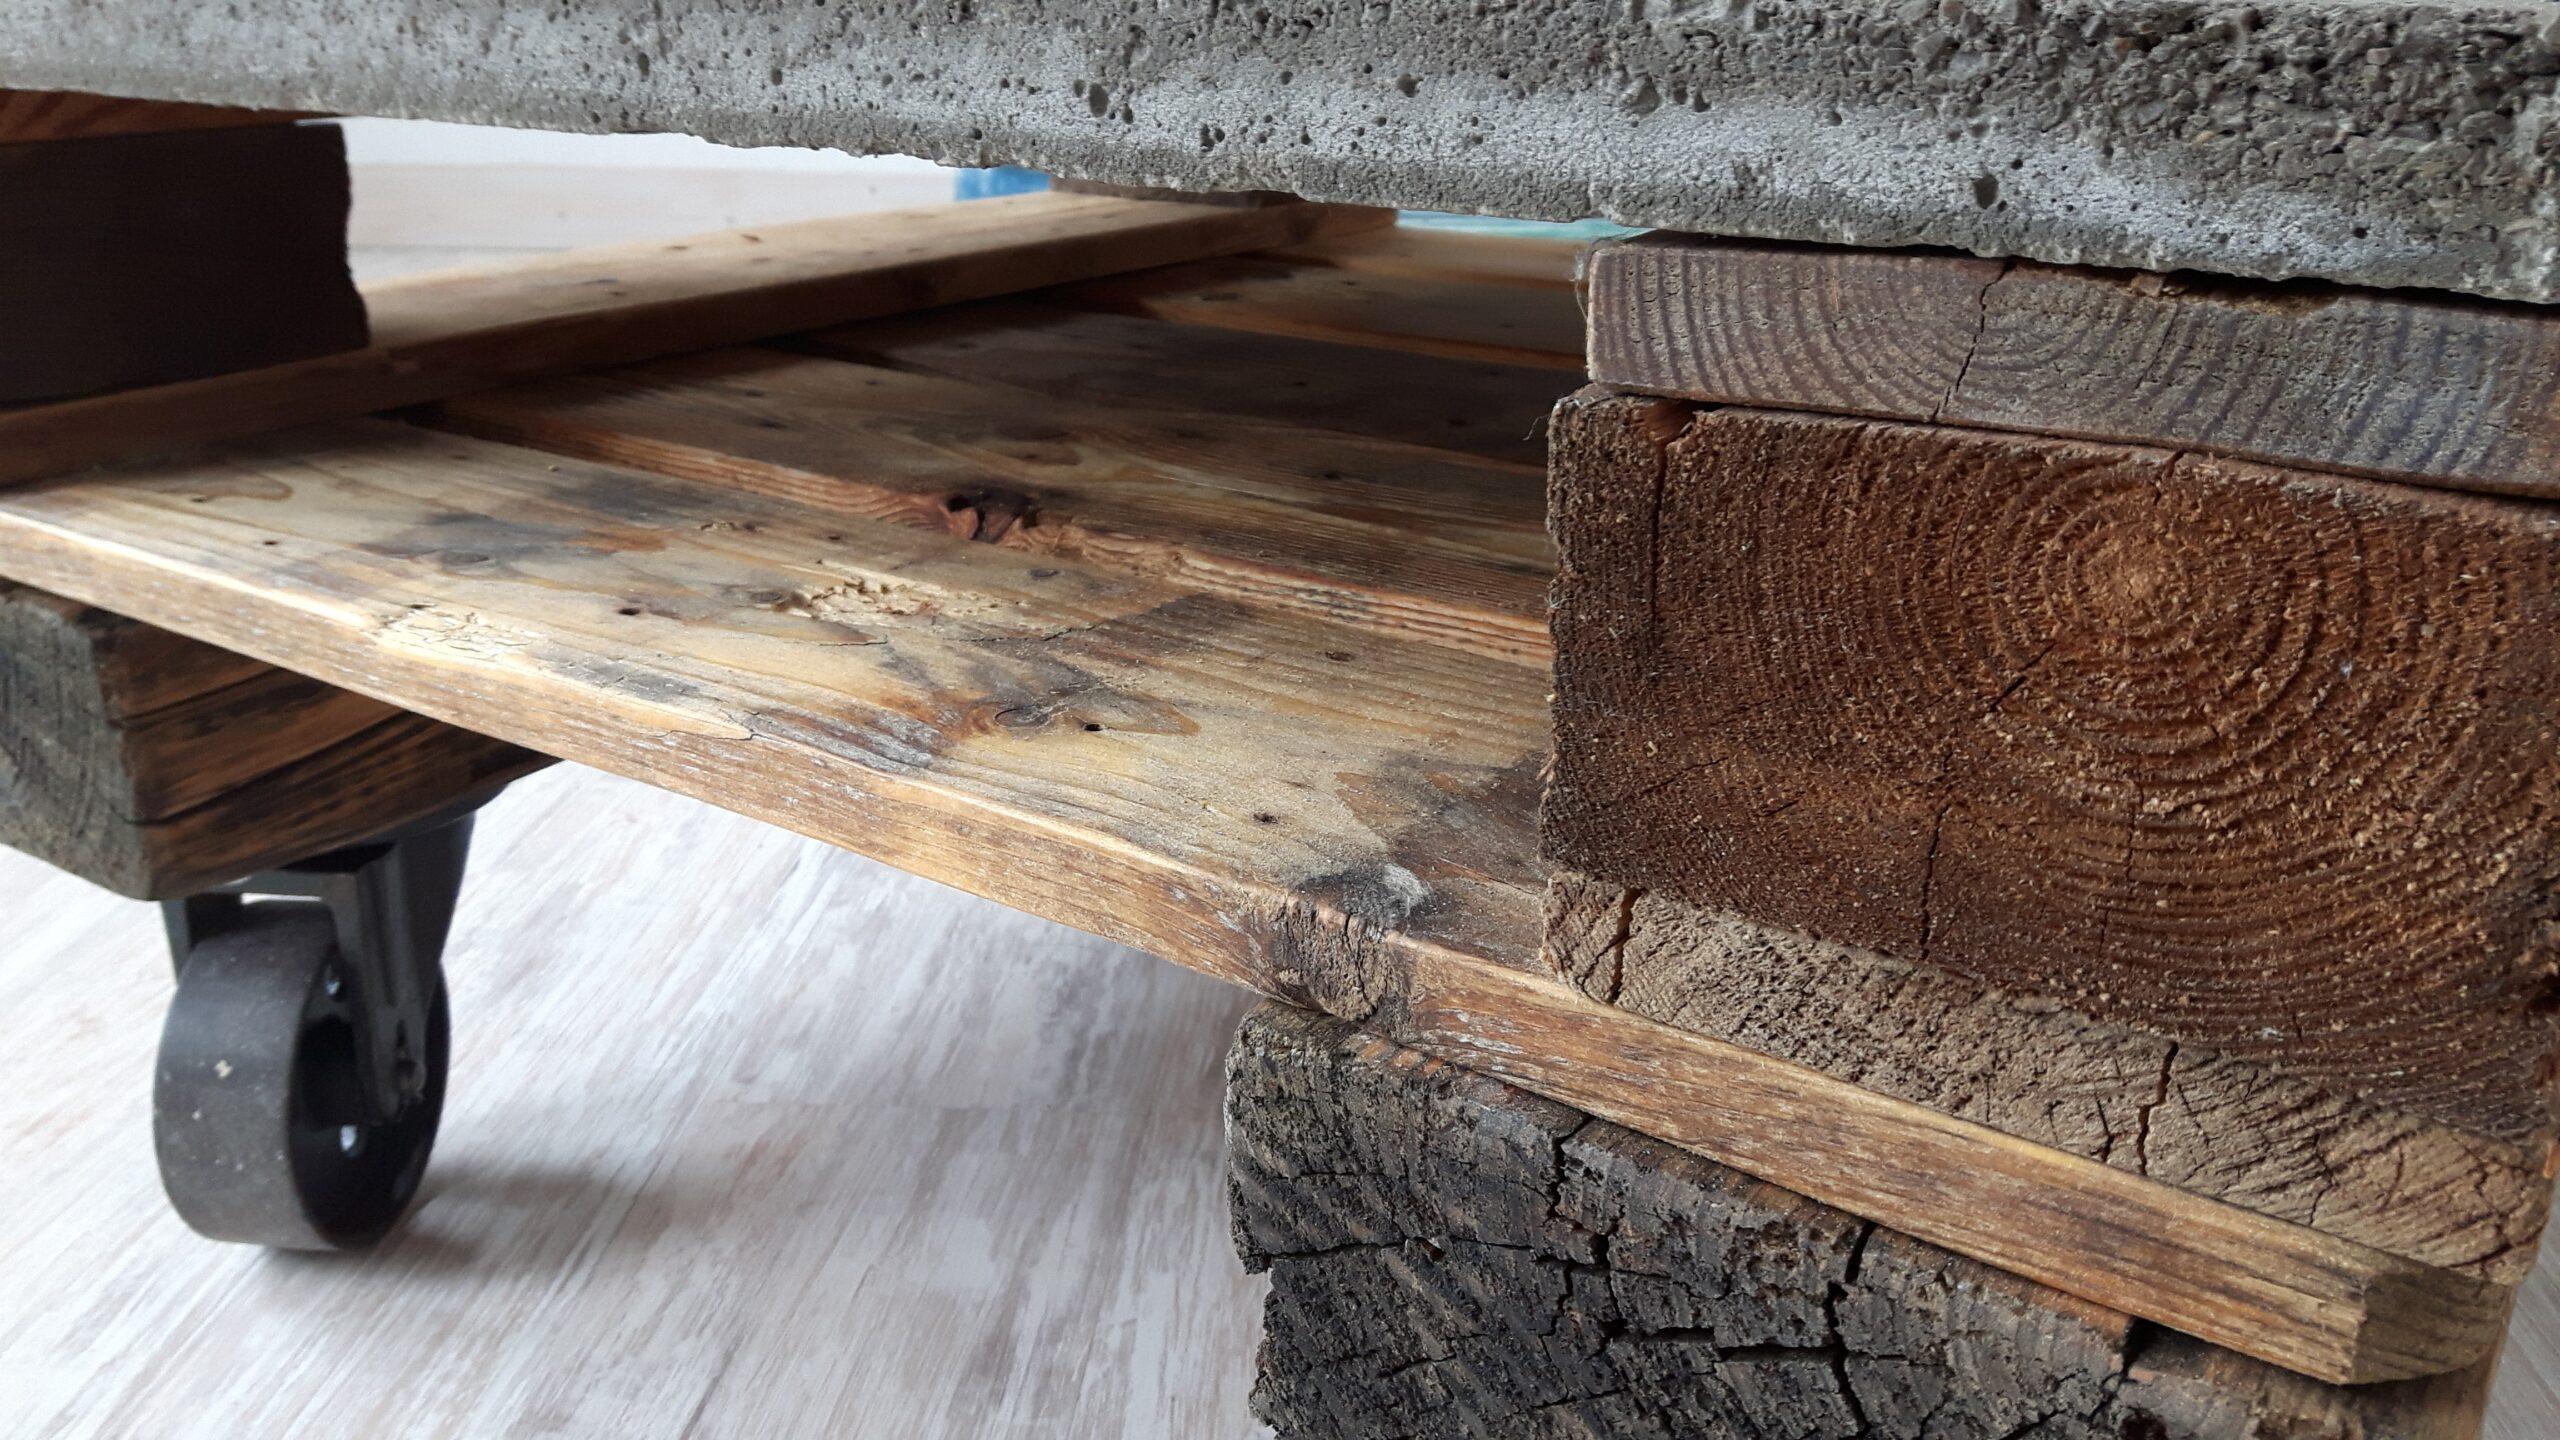 Full Size of Esstisch Und Stühle Esstische Holz Oval Holzplatte Modern Industrial Shabby Chic Massiv Massivholz Ausziehbar 160 Quadratisch Pendelleuchte Weiß Glas Grau Esstische Esstisch Betonplatte